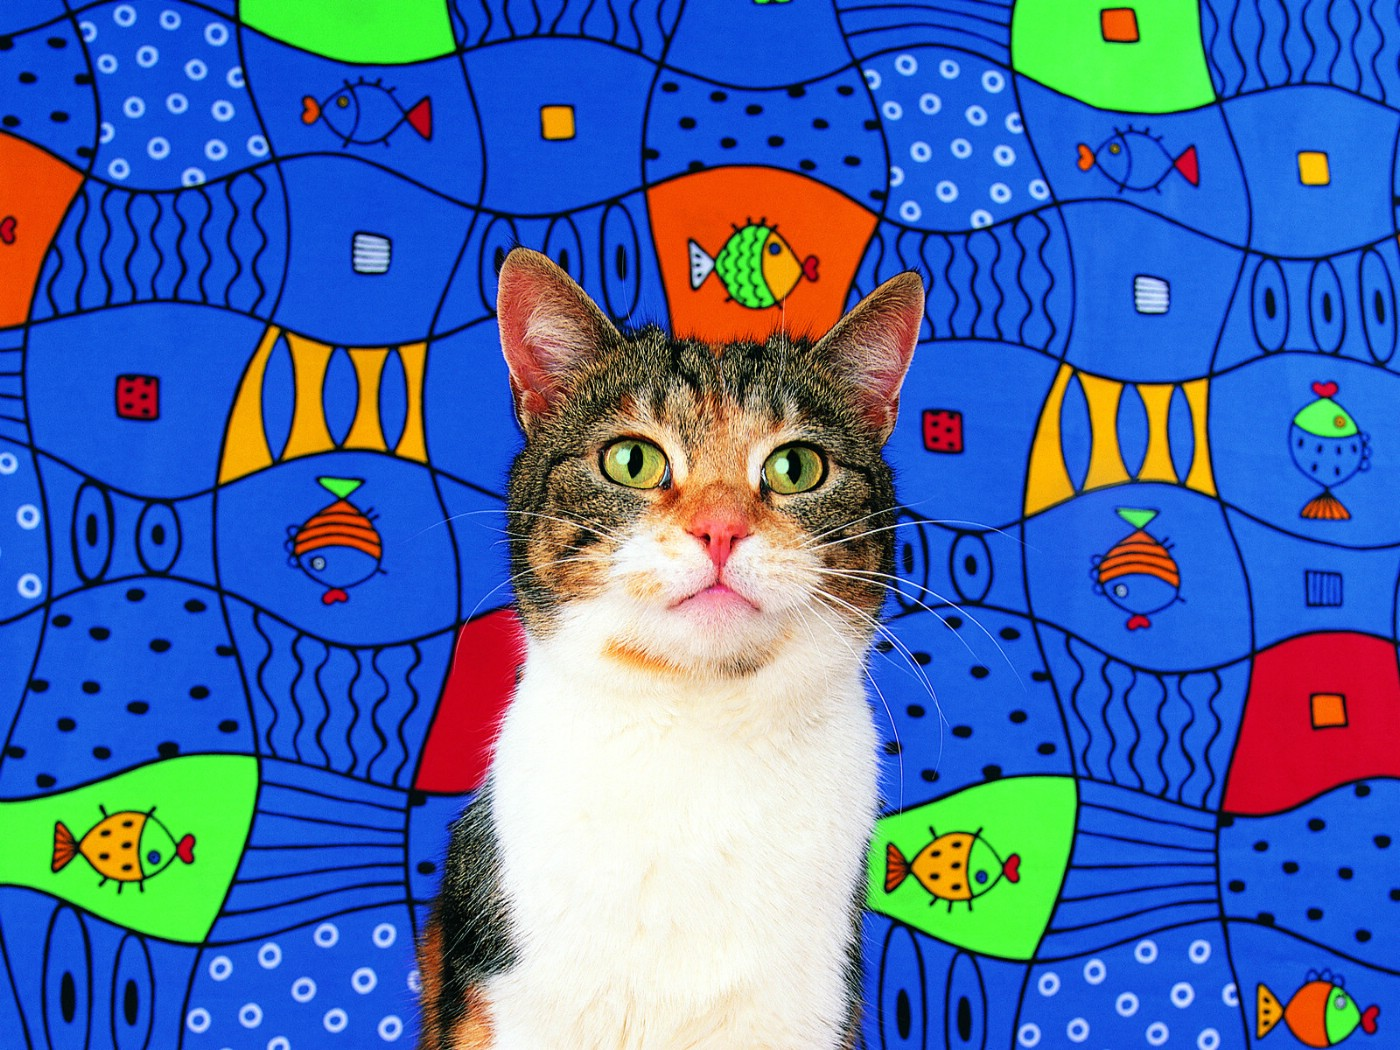 壁纸 狗狗/鱼趣味可爱小猫图片壁纸